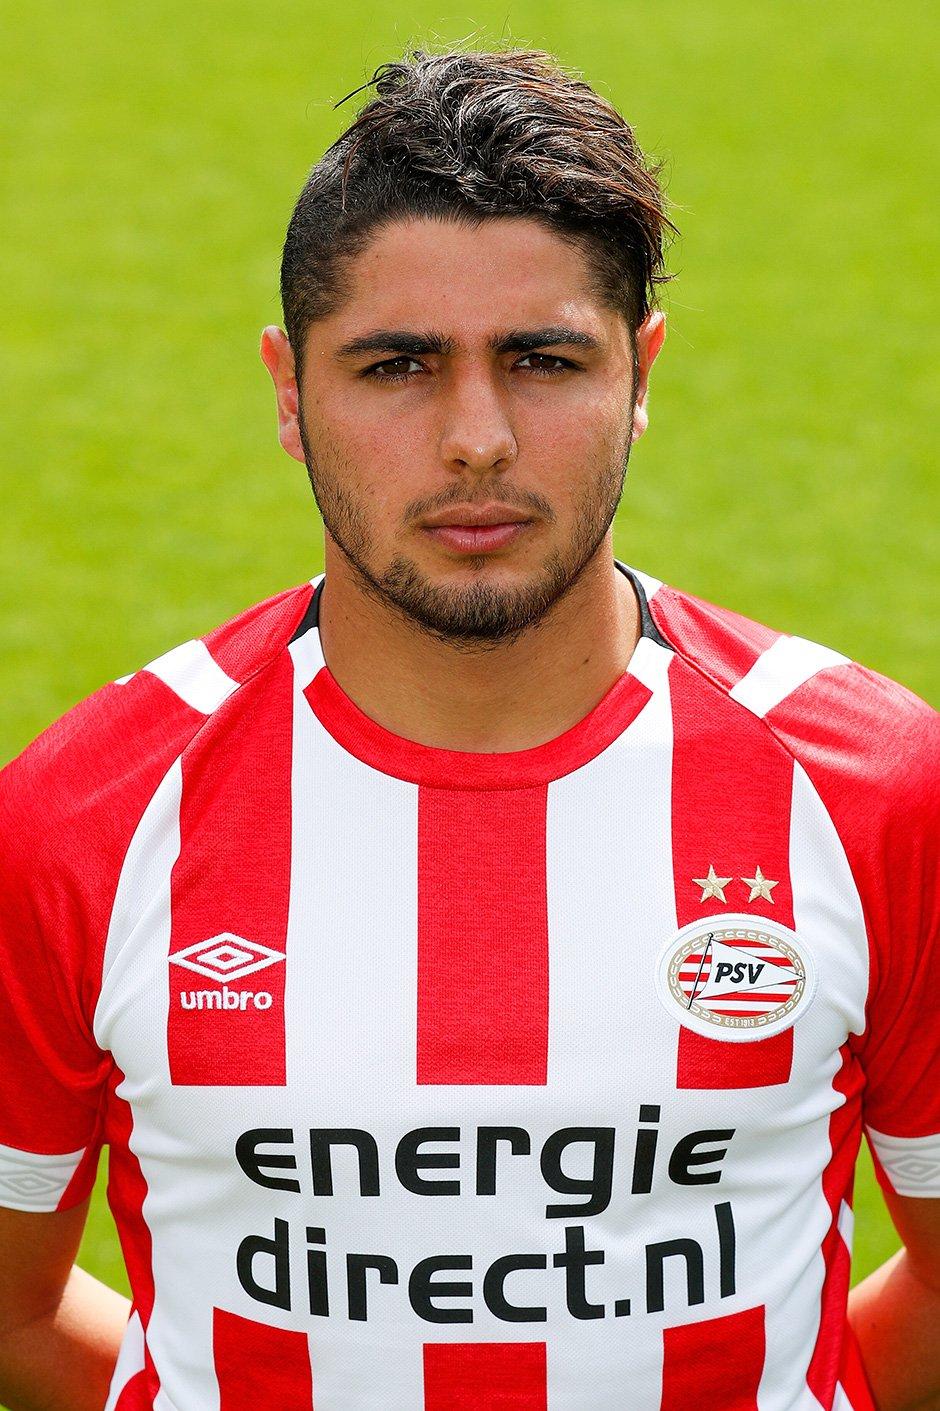 PSV.nl - Maxi Romero